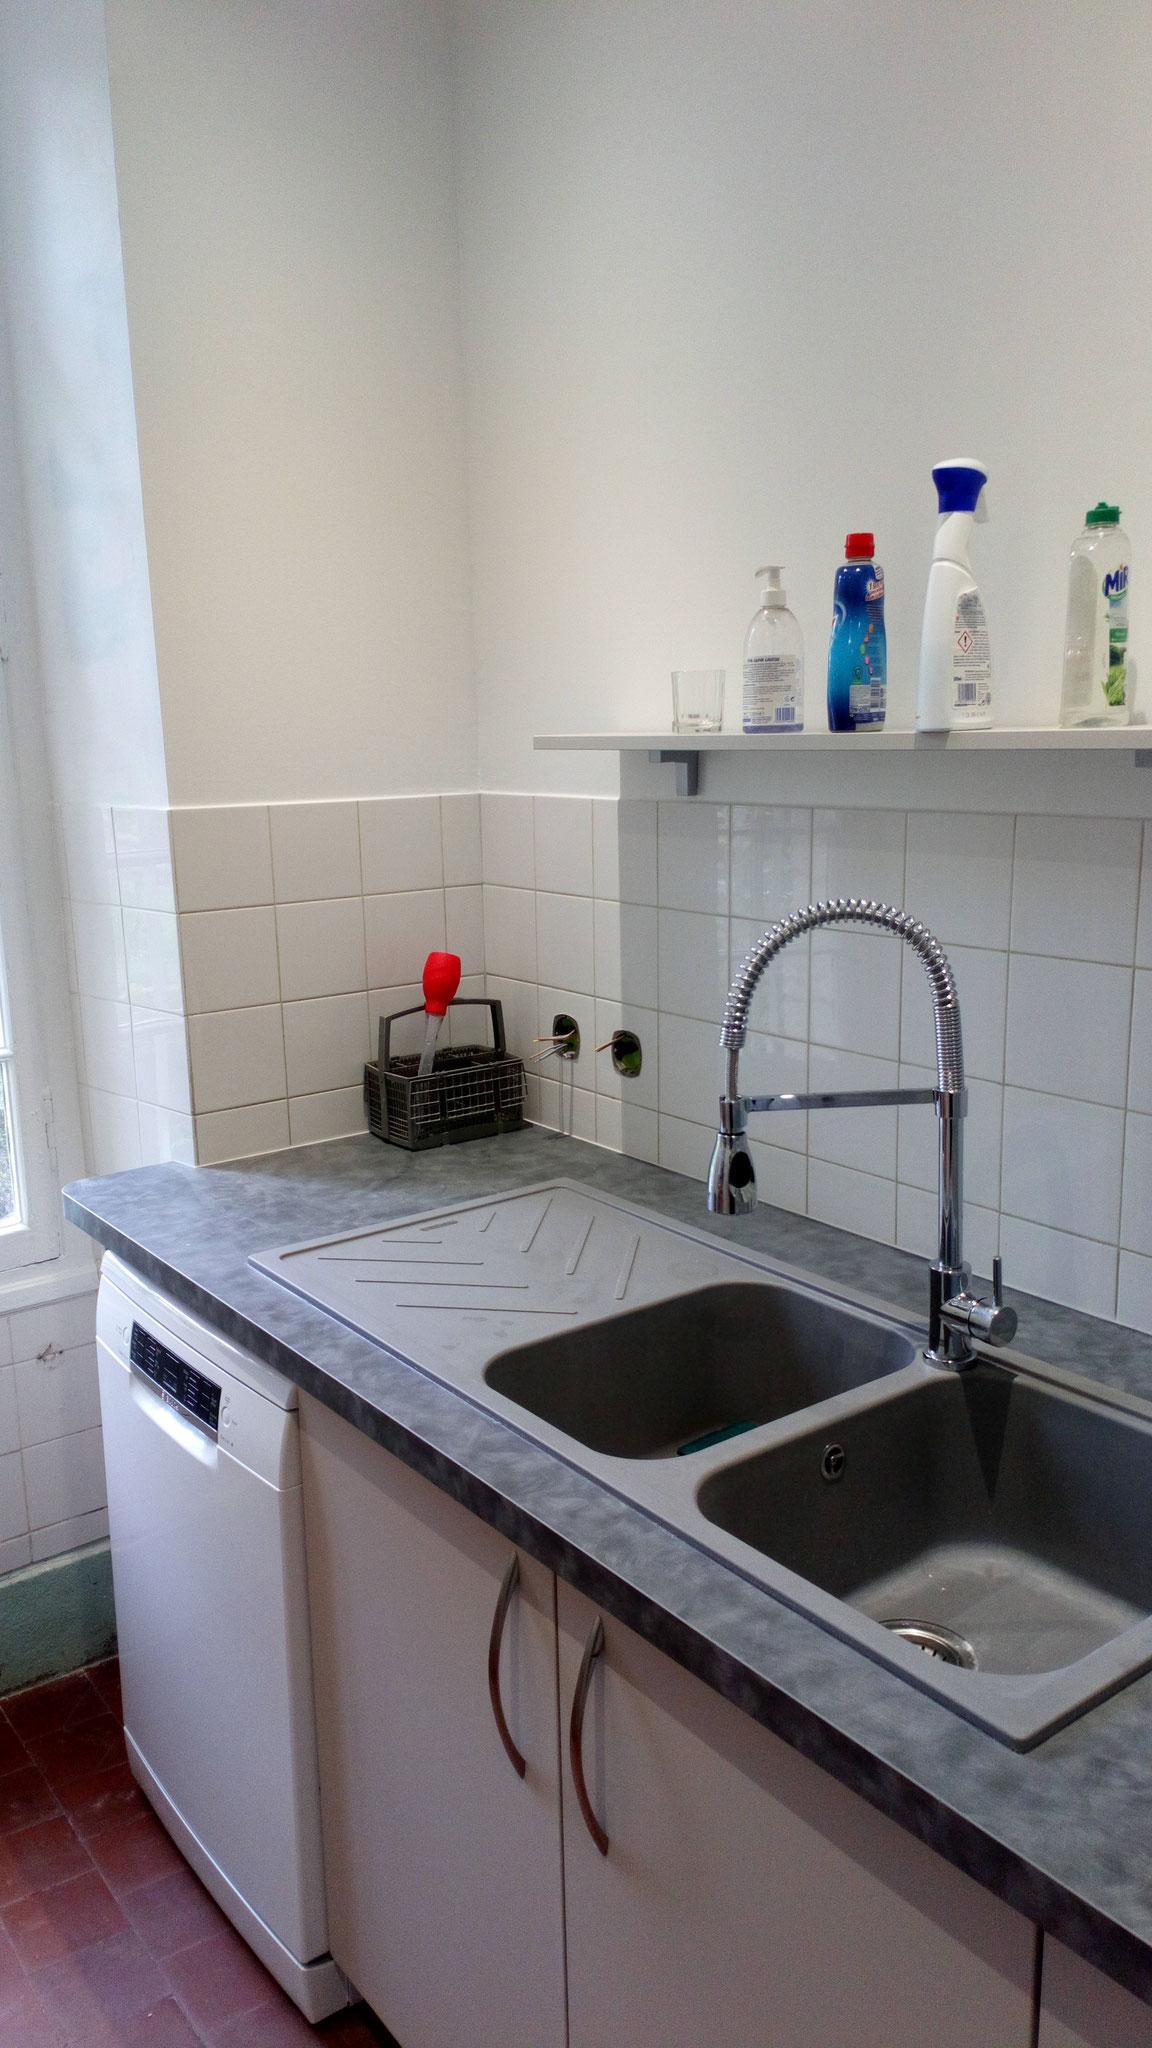 Lave-vaisselle en pose libre sous l'égouttoir de l'évier